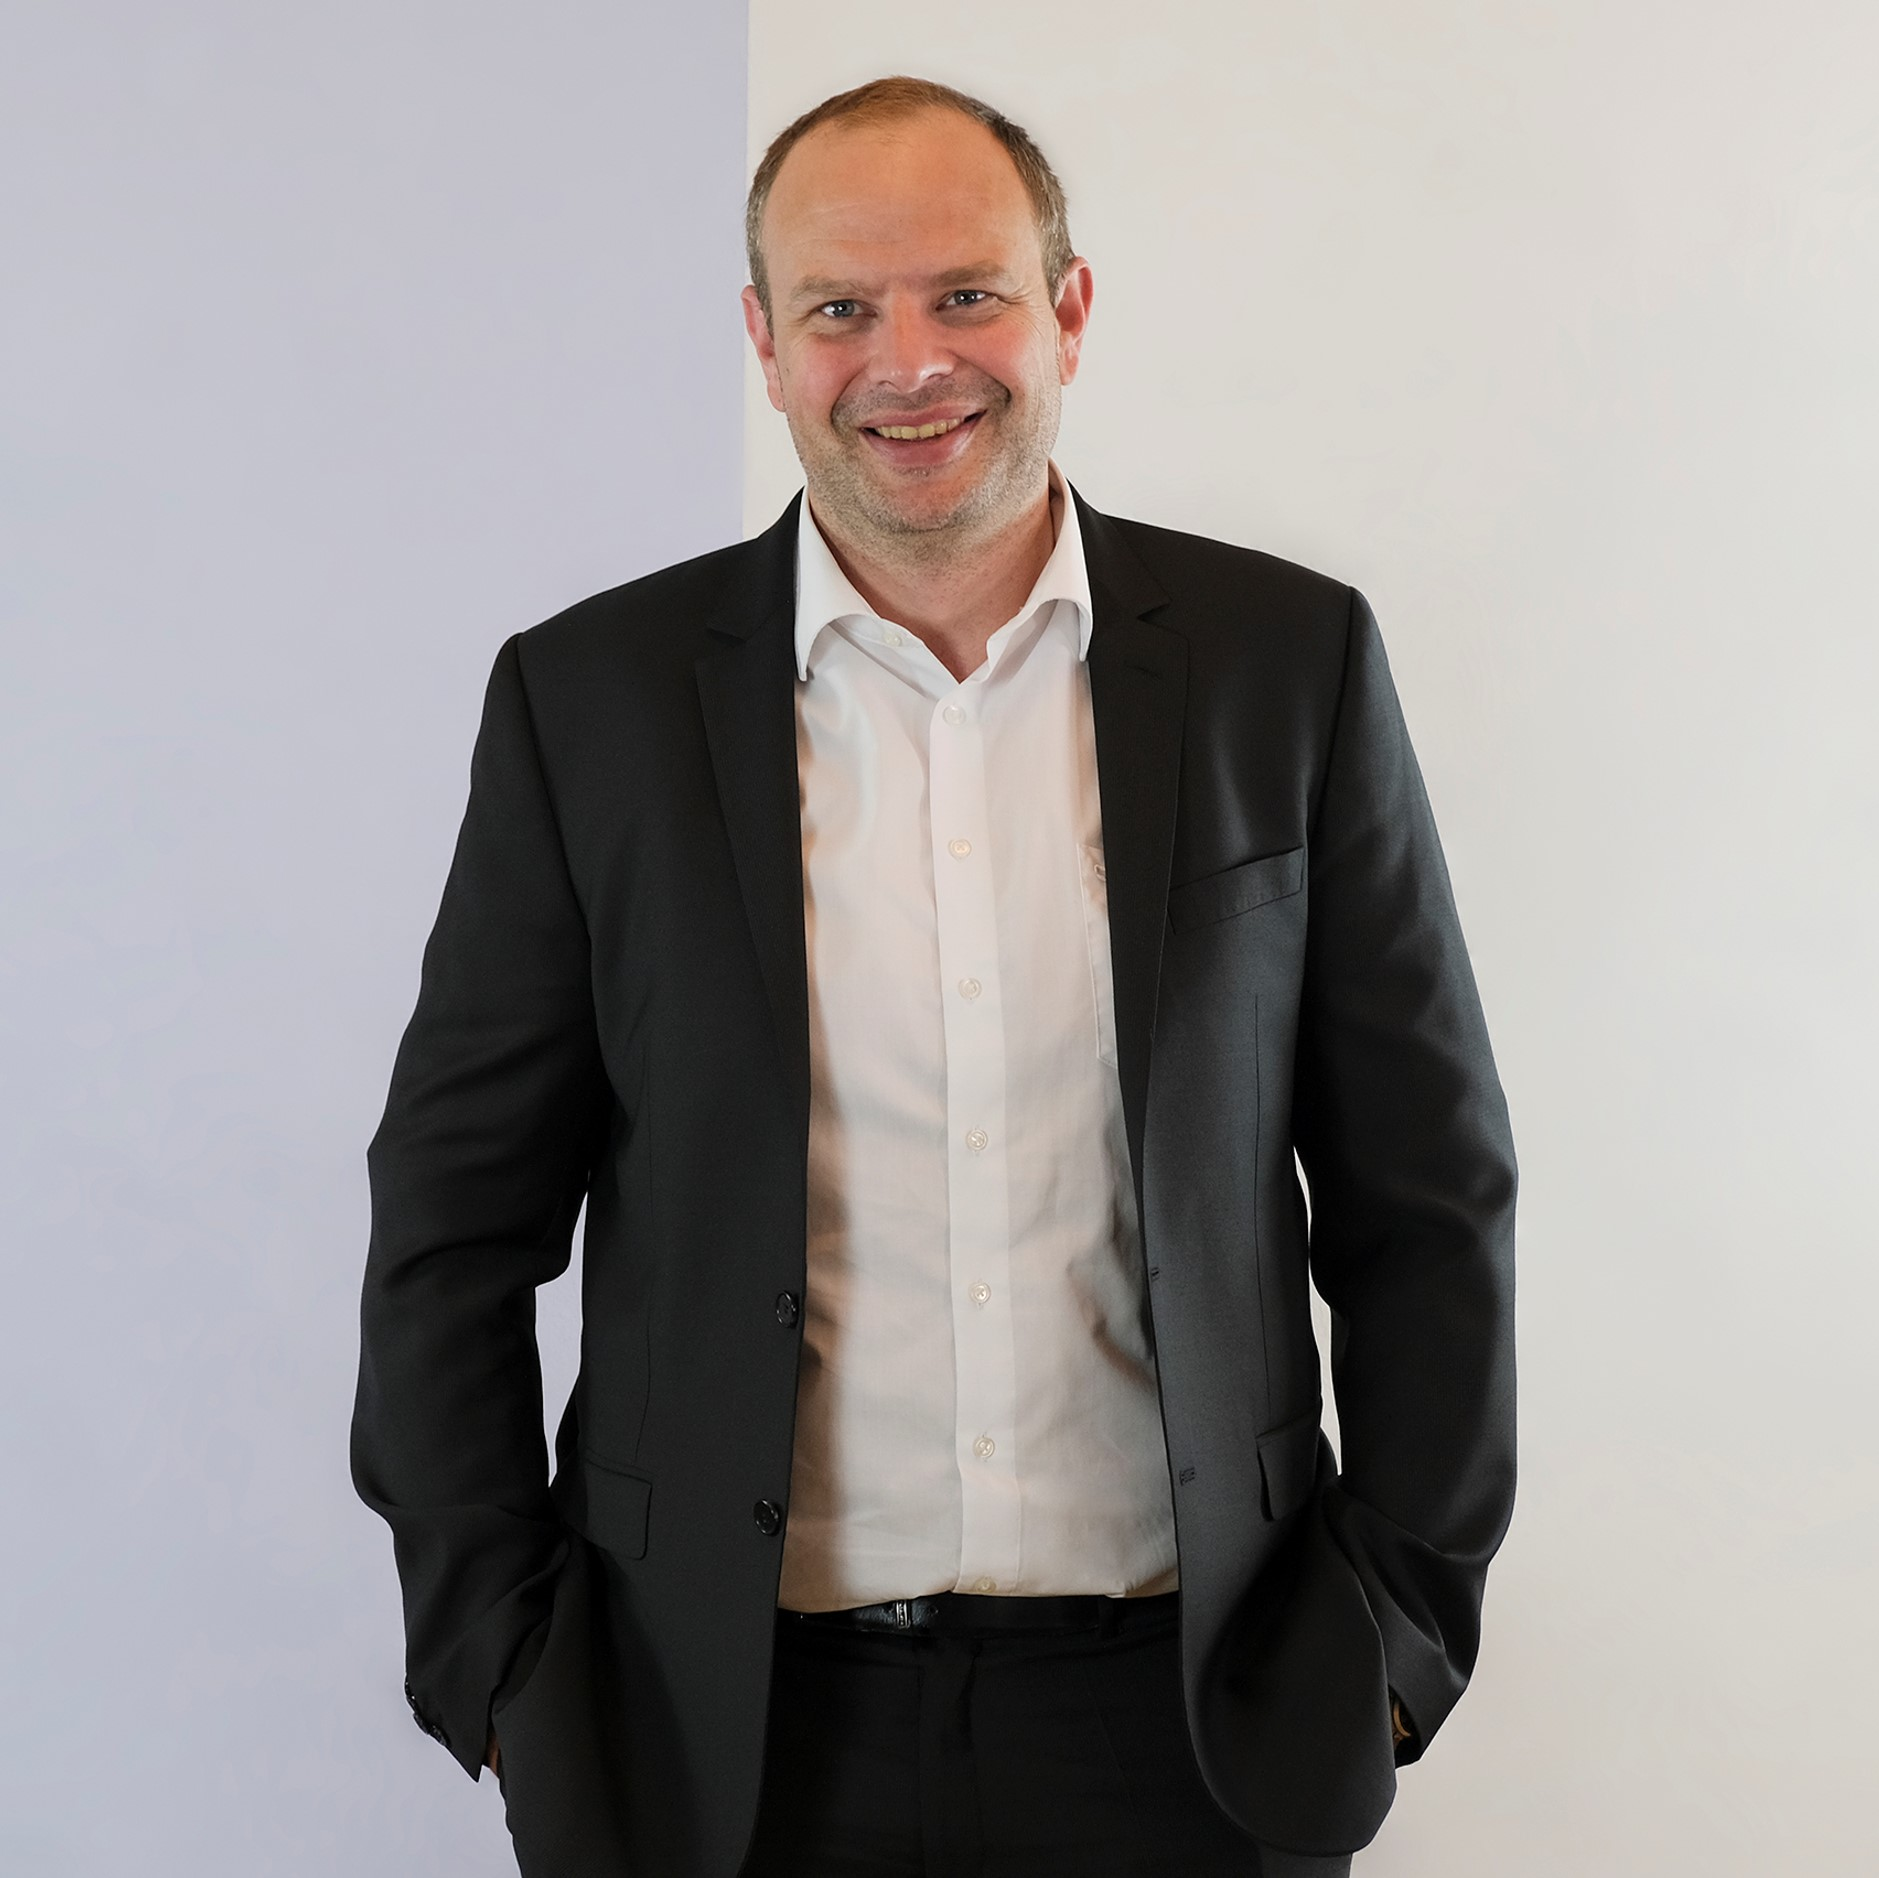 Norbert Gleirscher